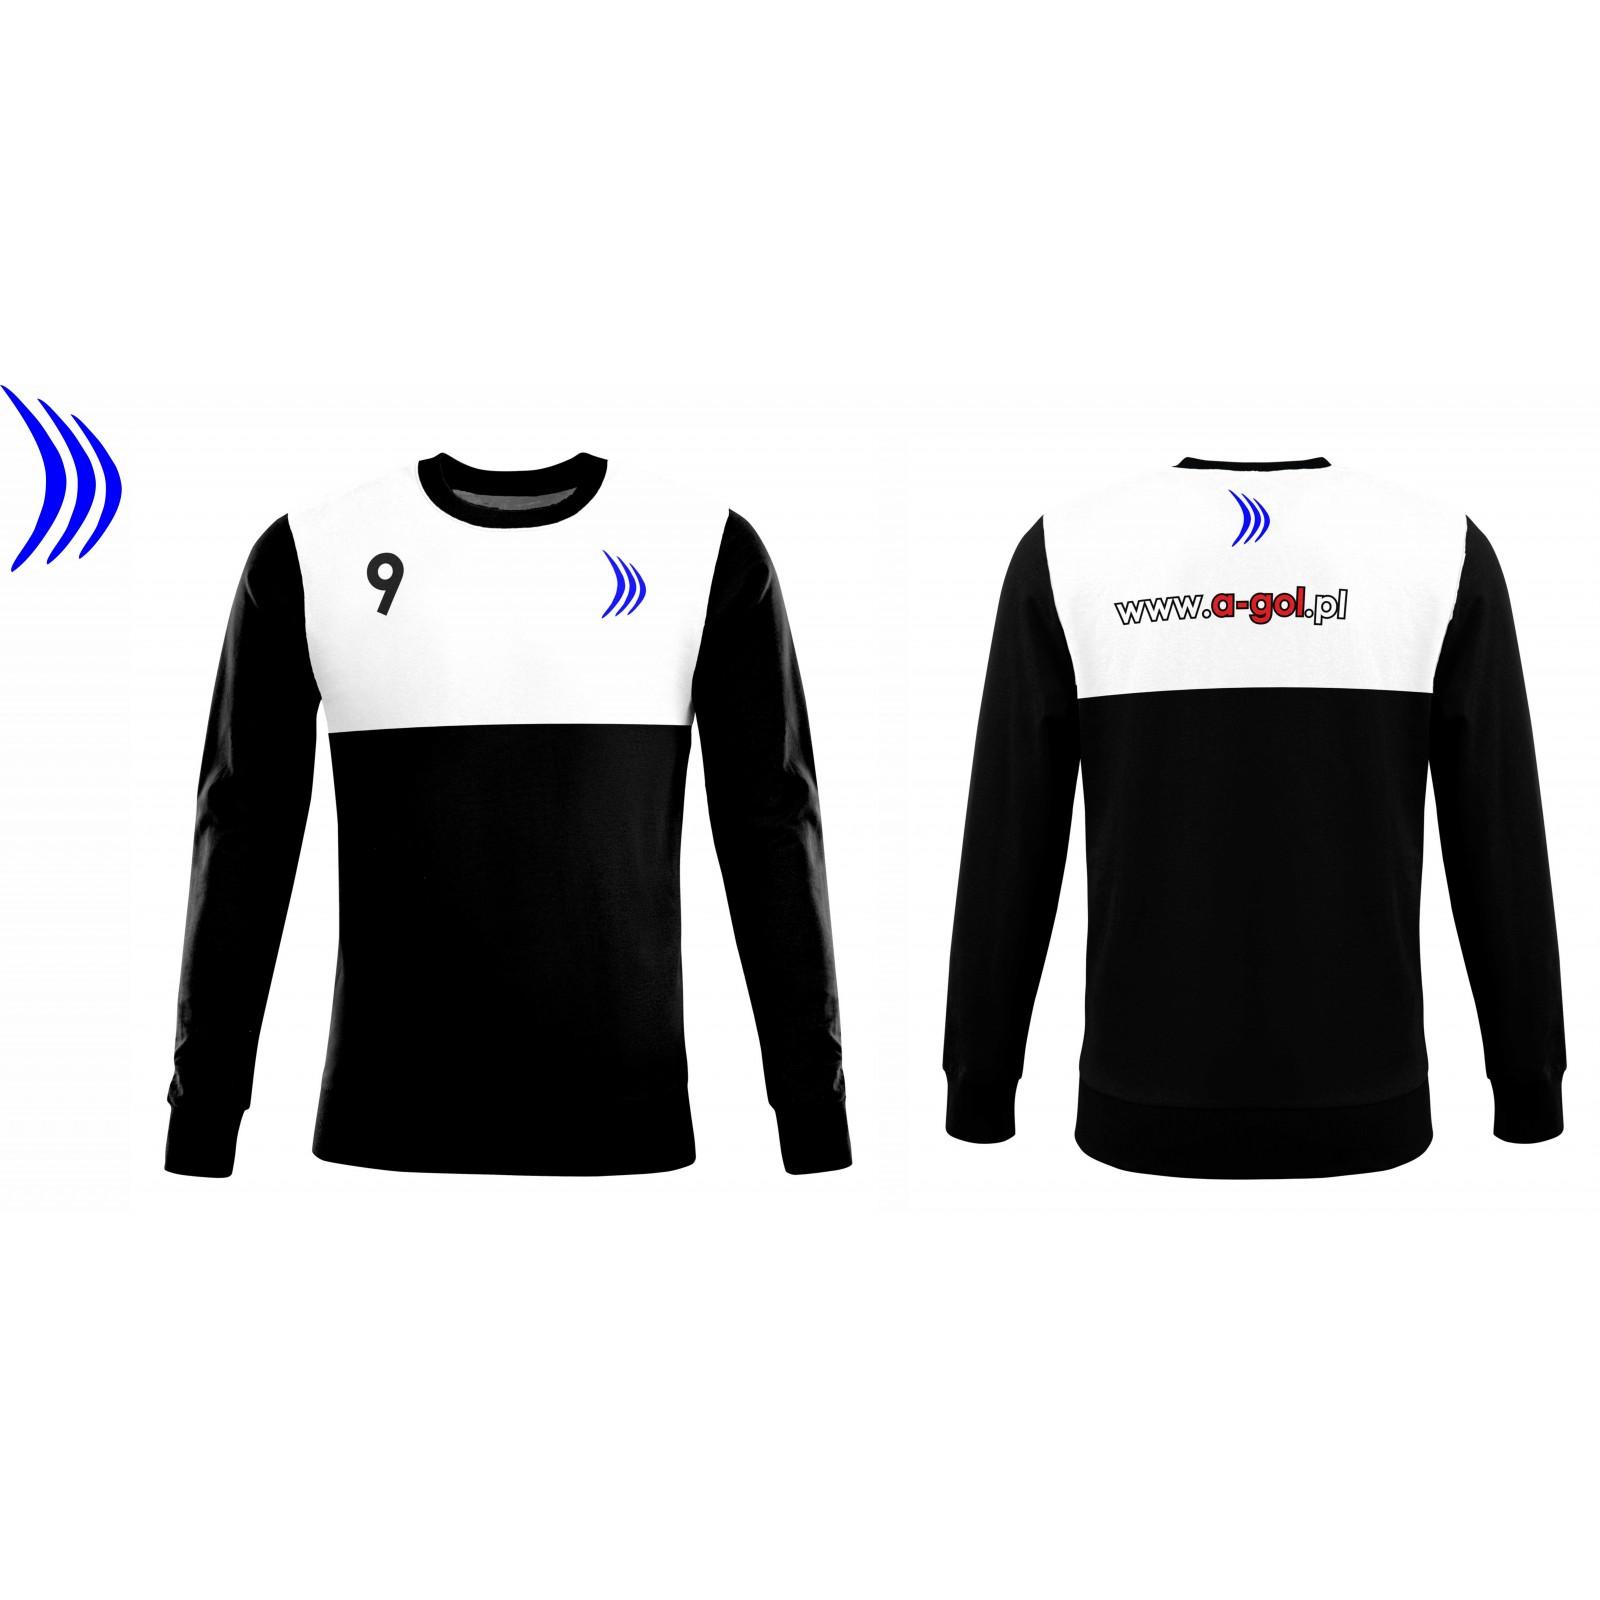 Koszulka sportowa z nadrukiem - wzór 40 CHORWACJA kolor siwy